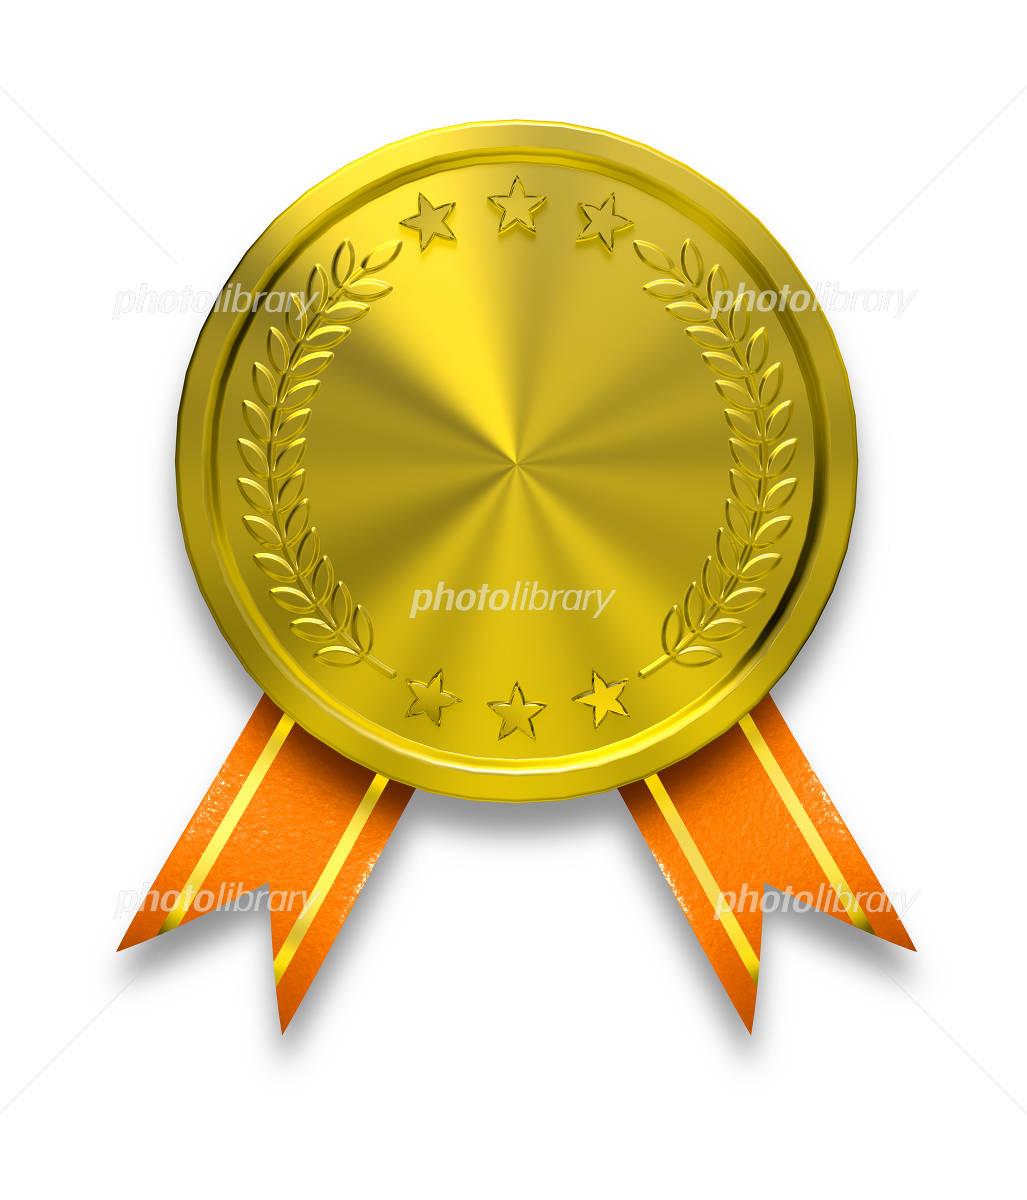 受賞メダルのイラスト